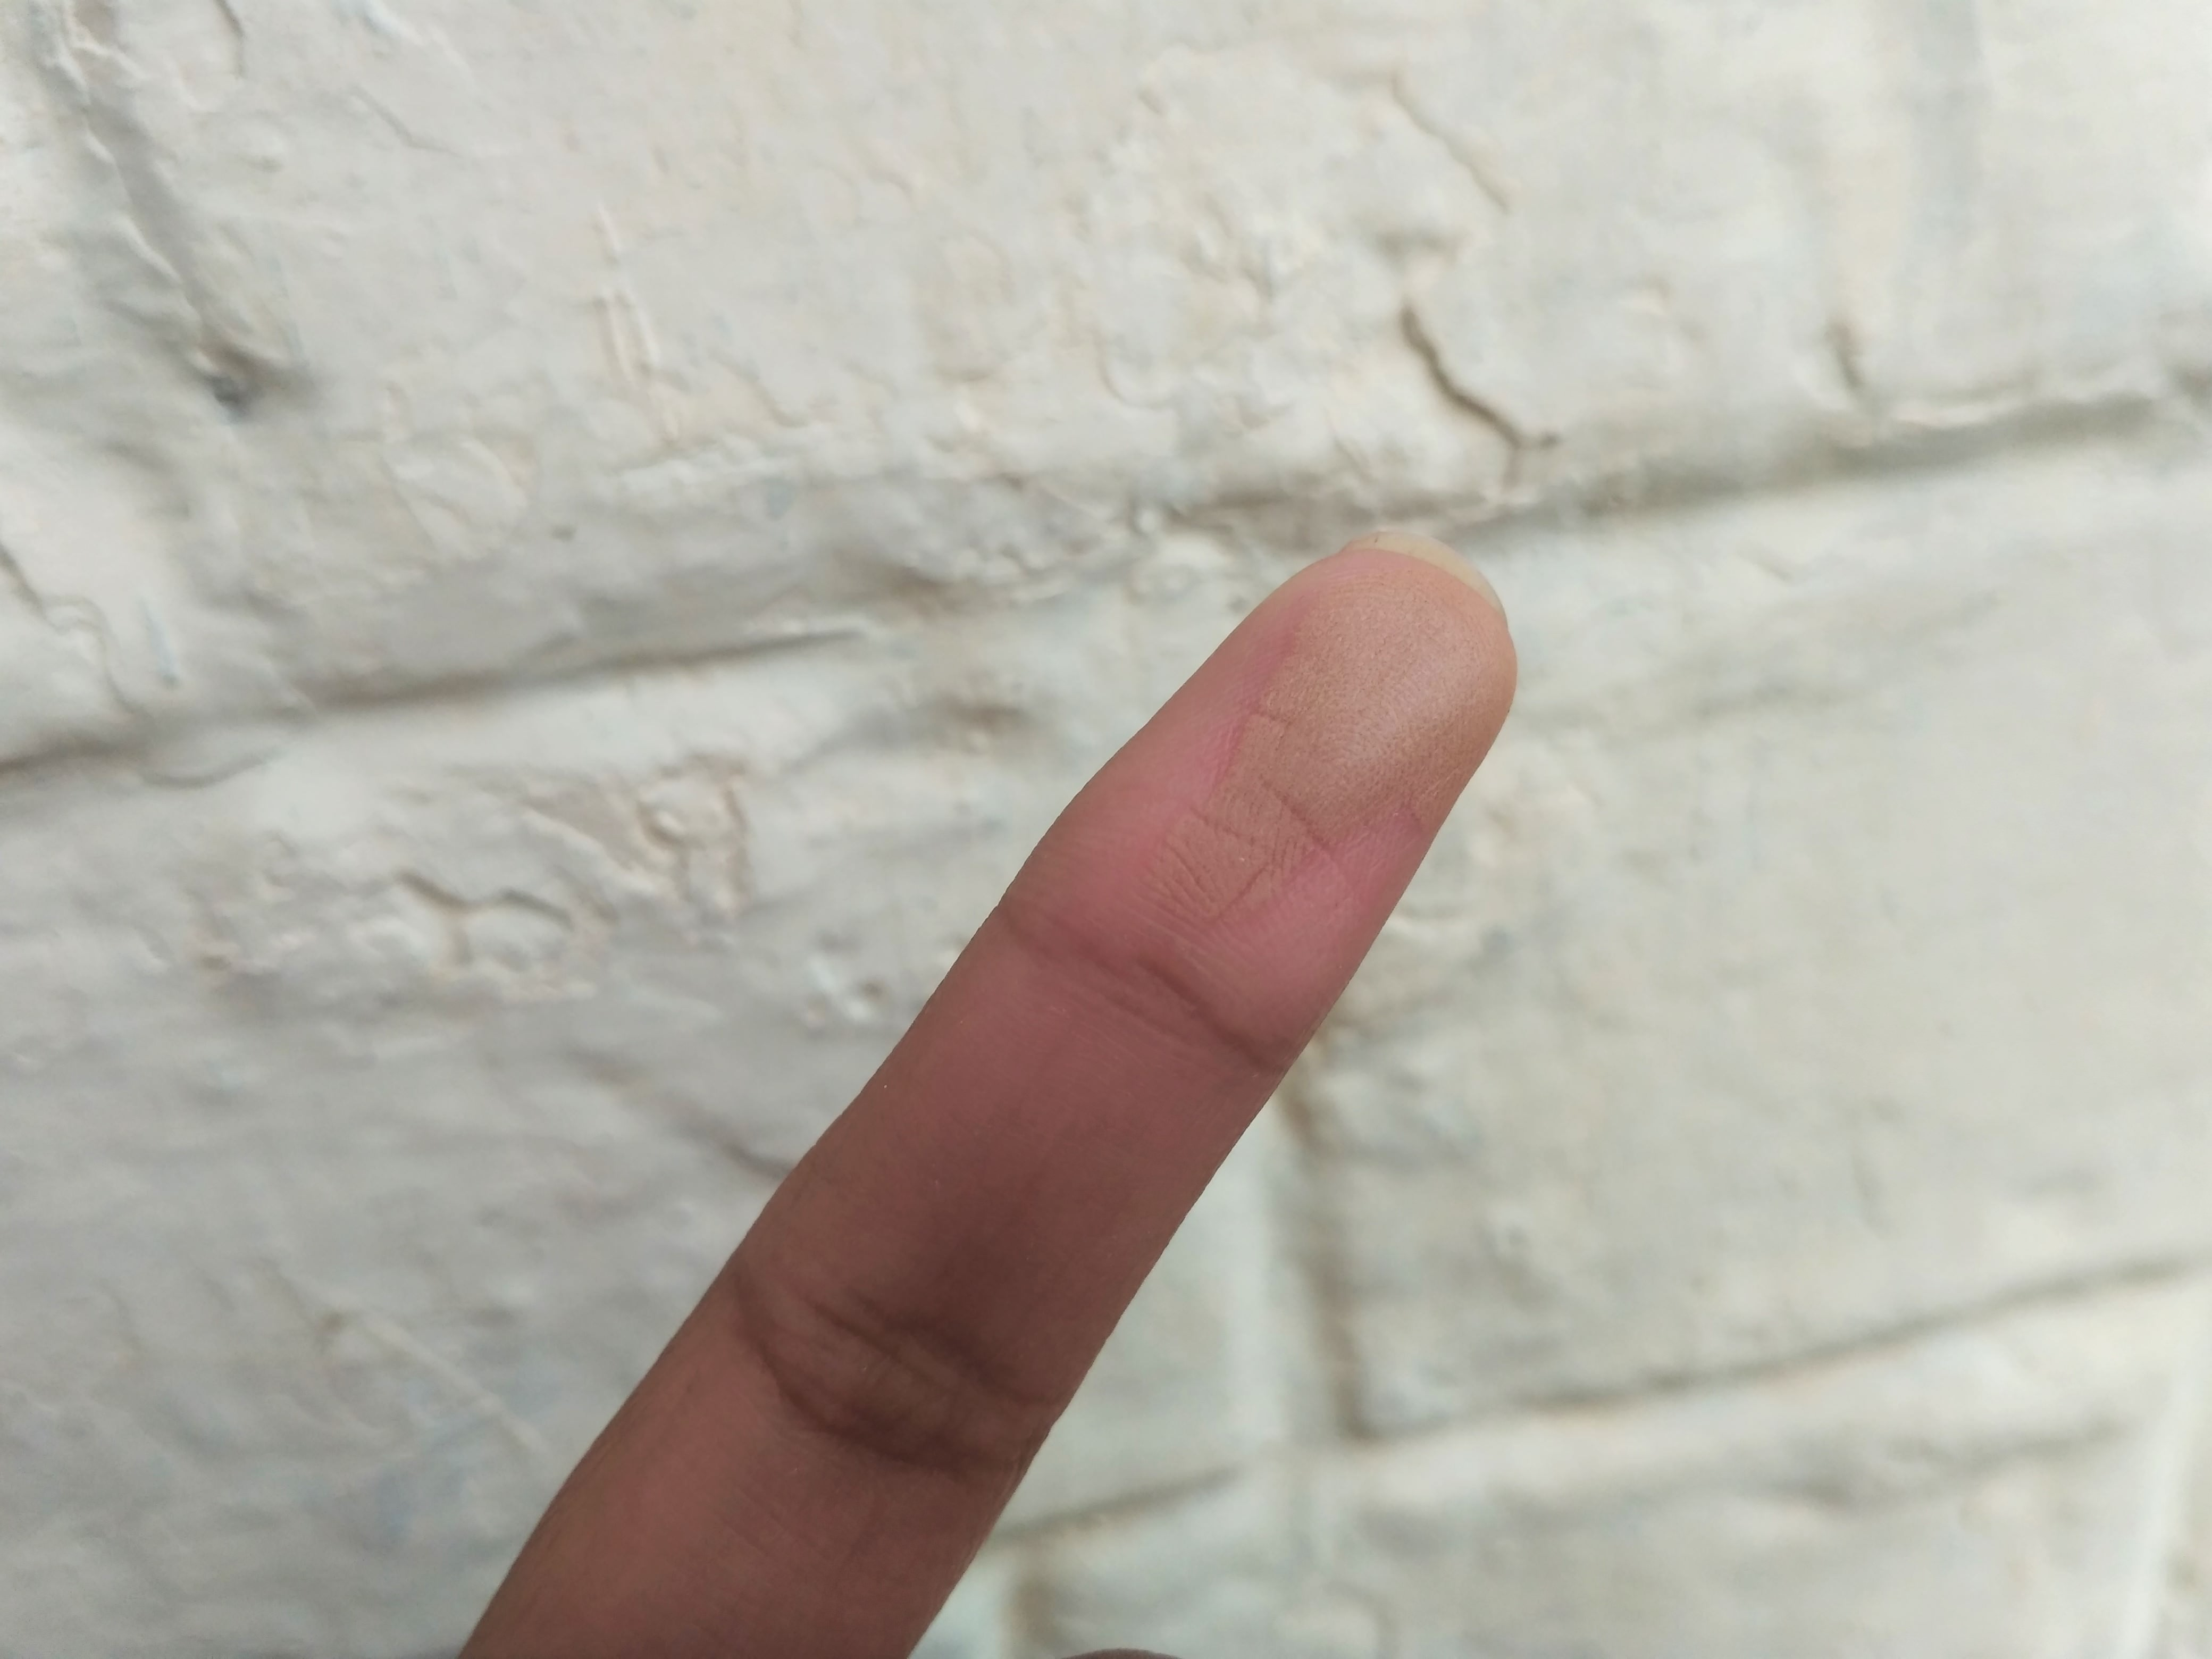 SUGAR Contour De Force Mini Bronzer Taupe Topper Review